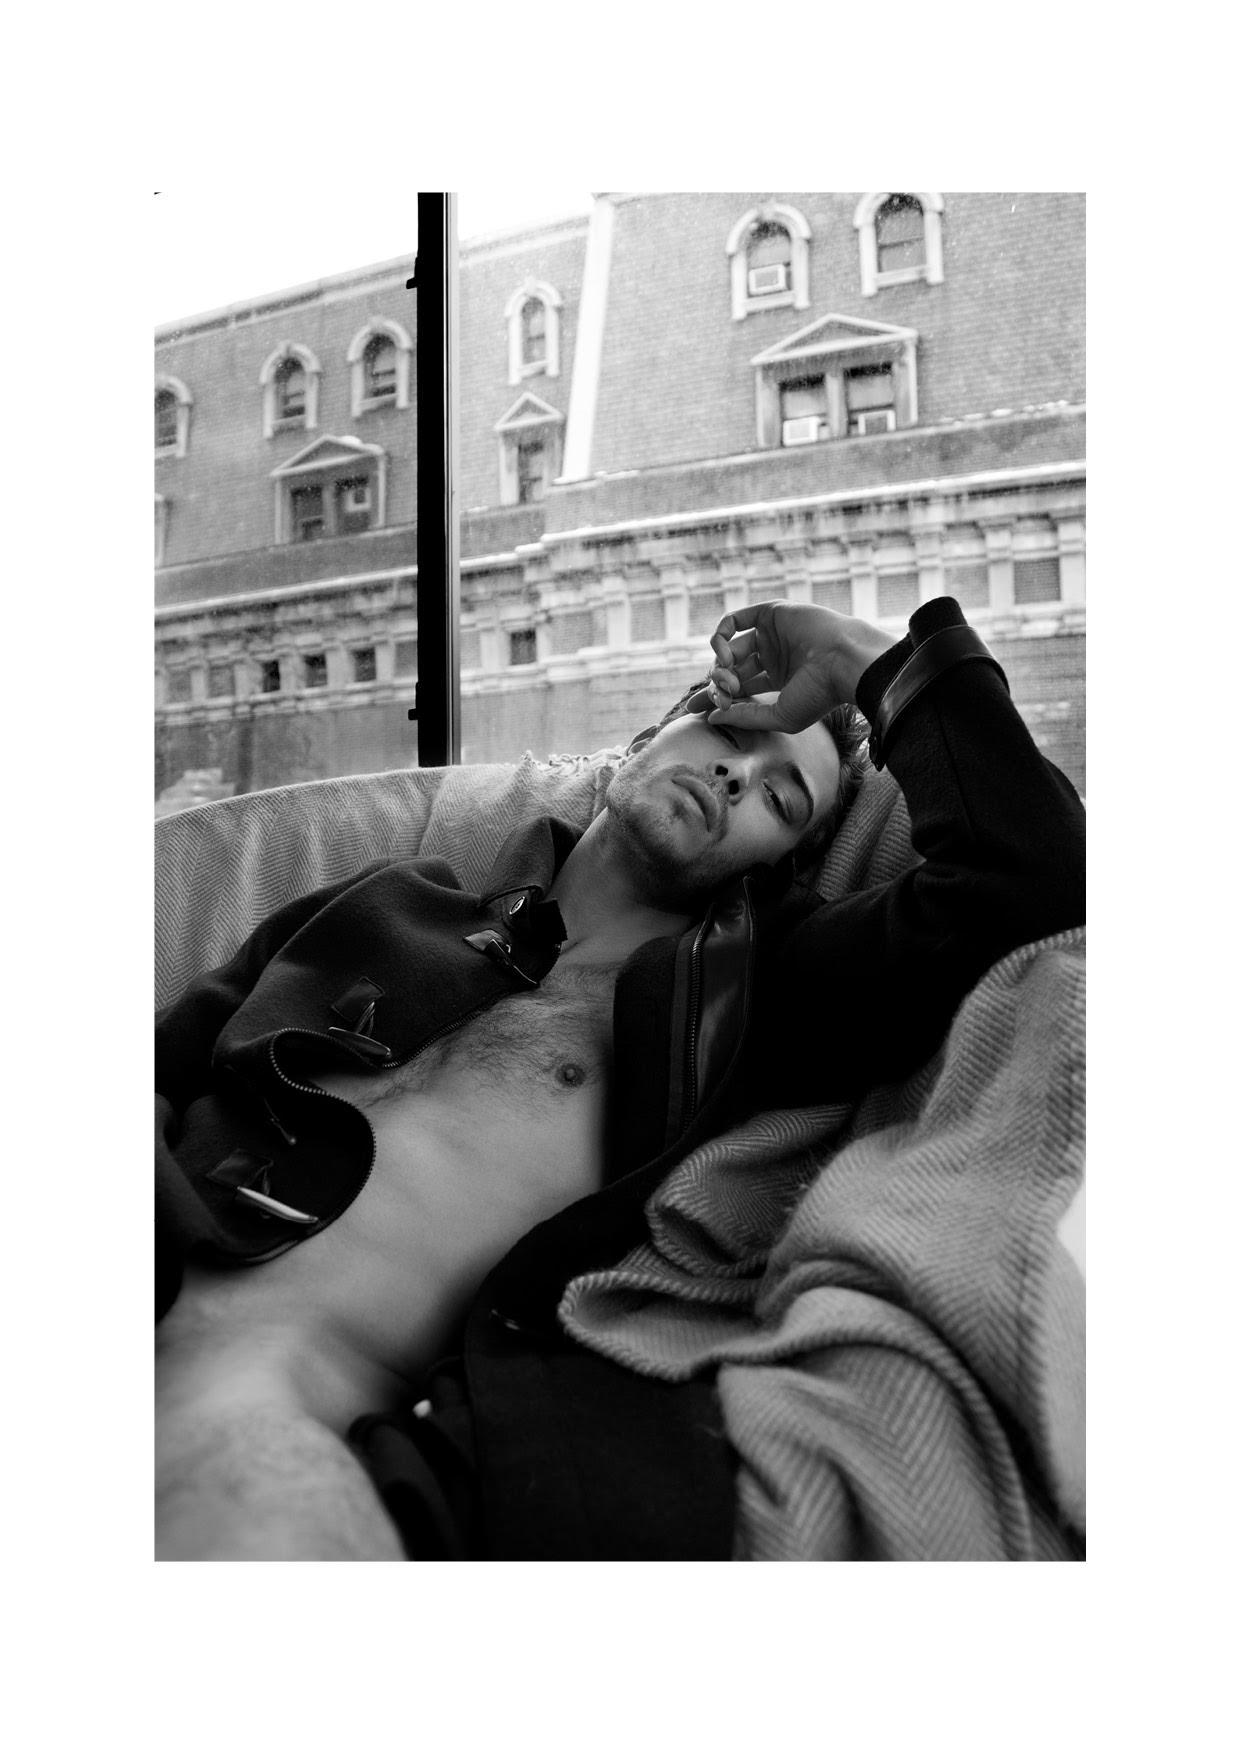 Francisco Lachowski by Karl Simone for Yearbook Fanzine6